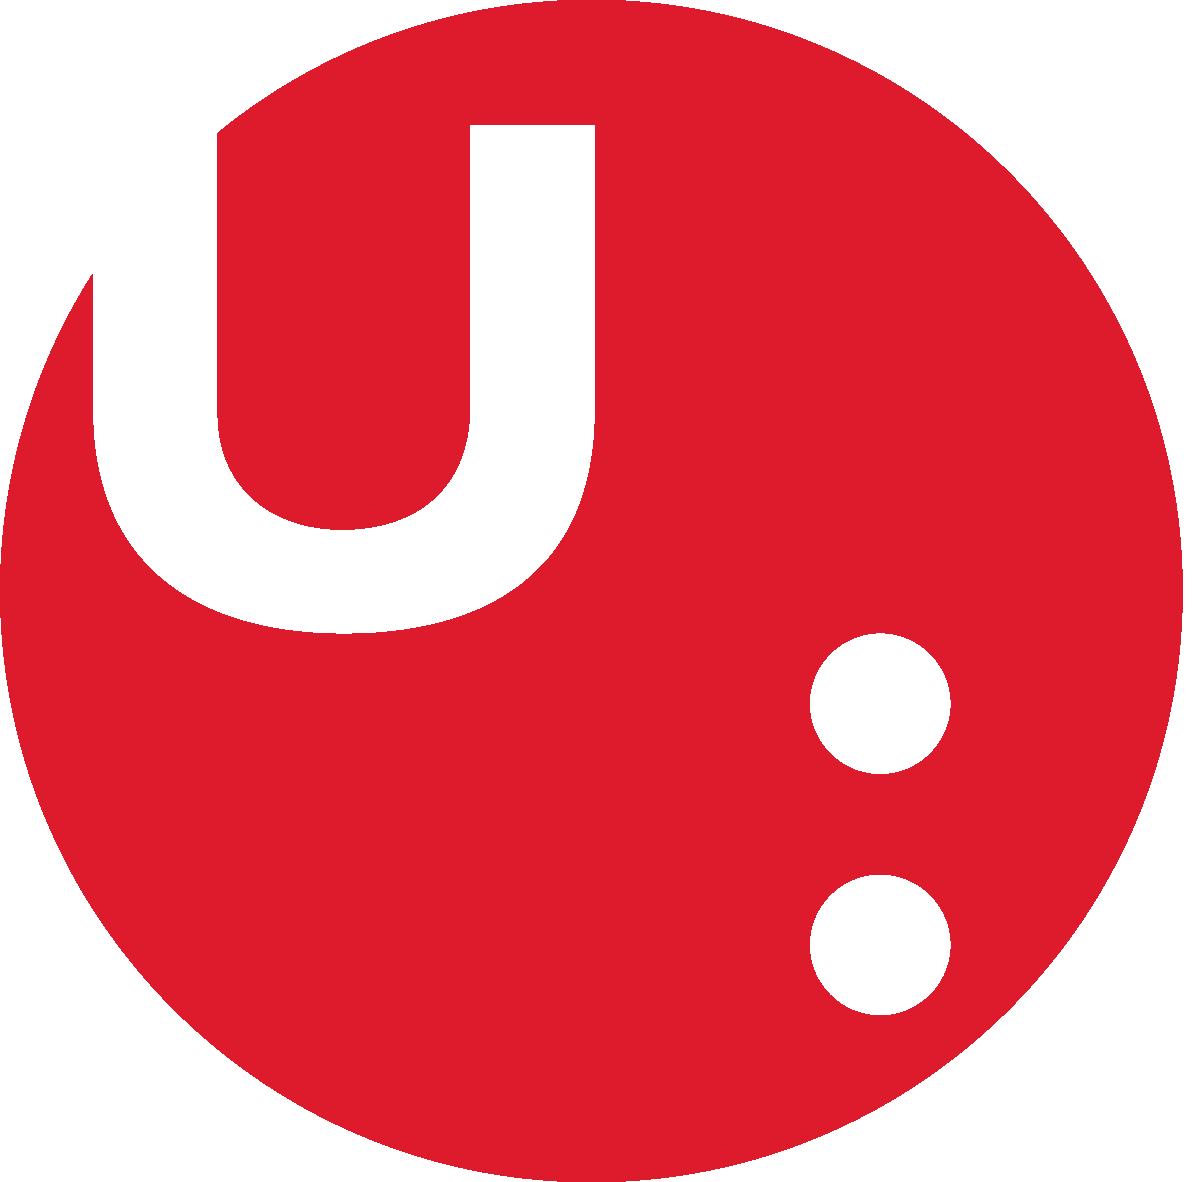 upa_nove_logo